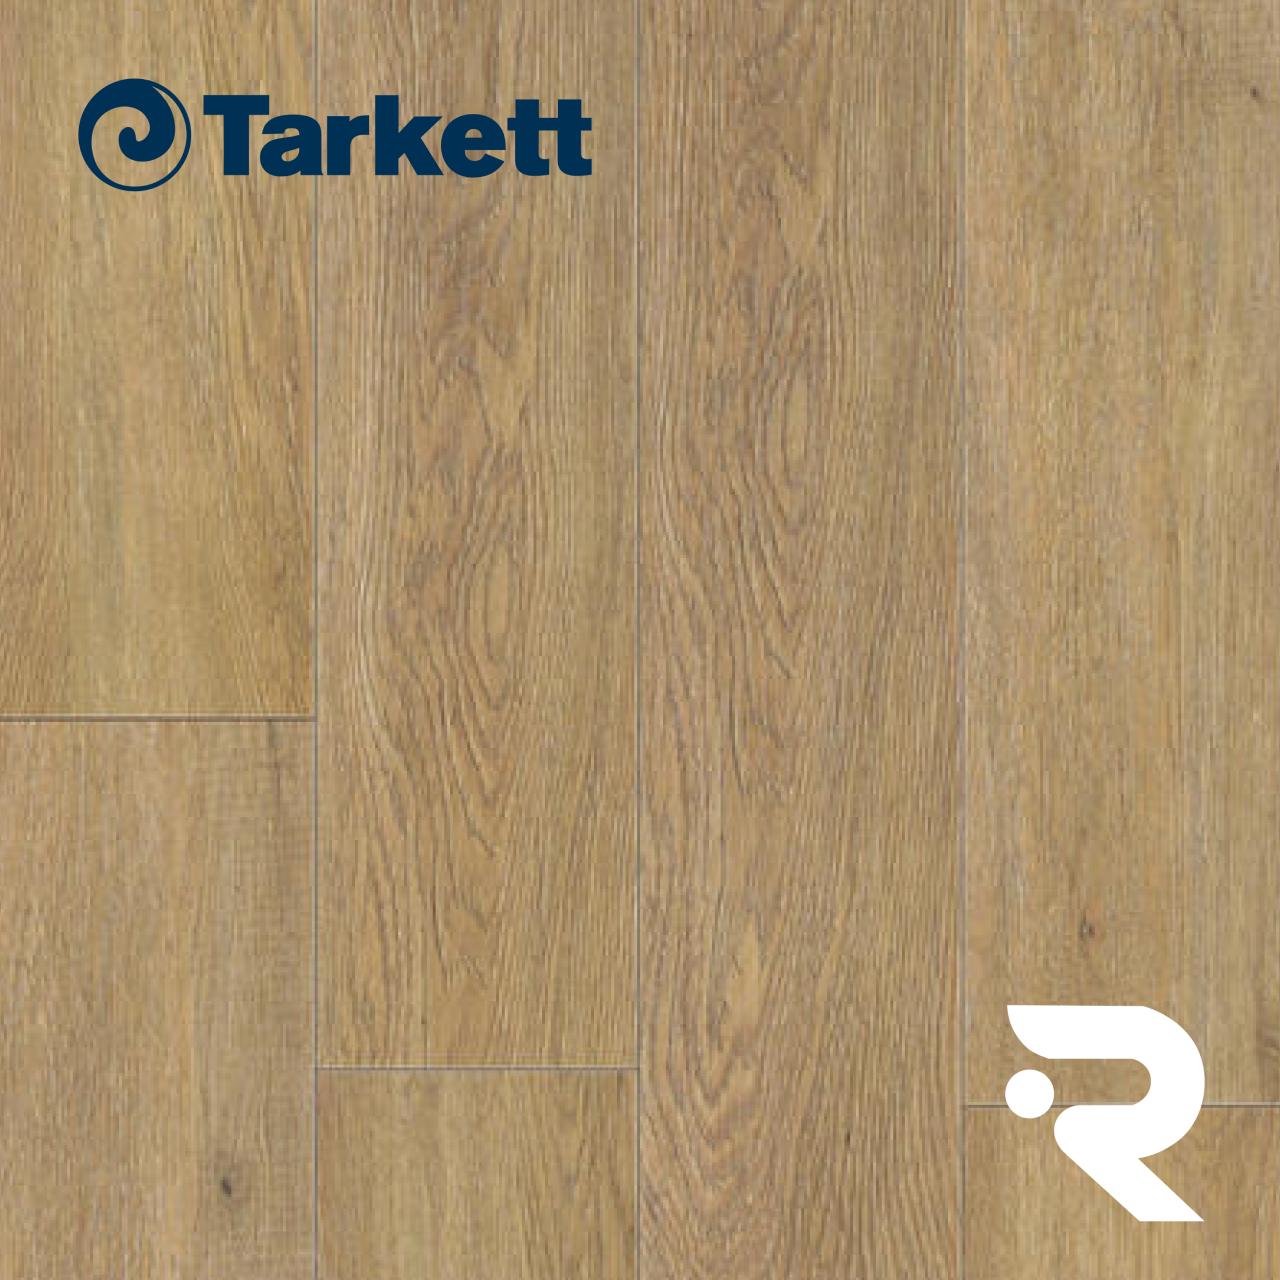 🌳 ПВХ плитка Tarkett | LOUNGE - IBIZA | Art Vinyl | 914 x 152 мм